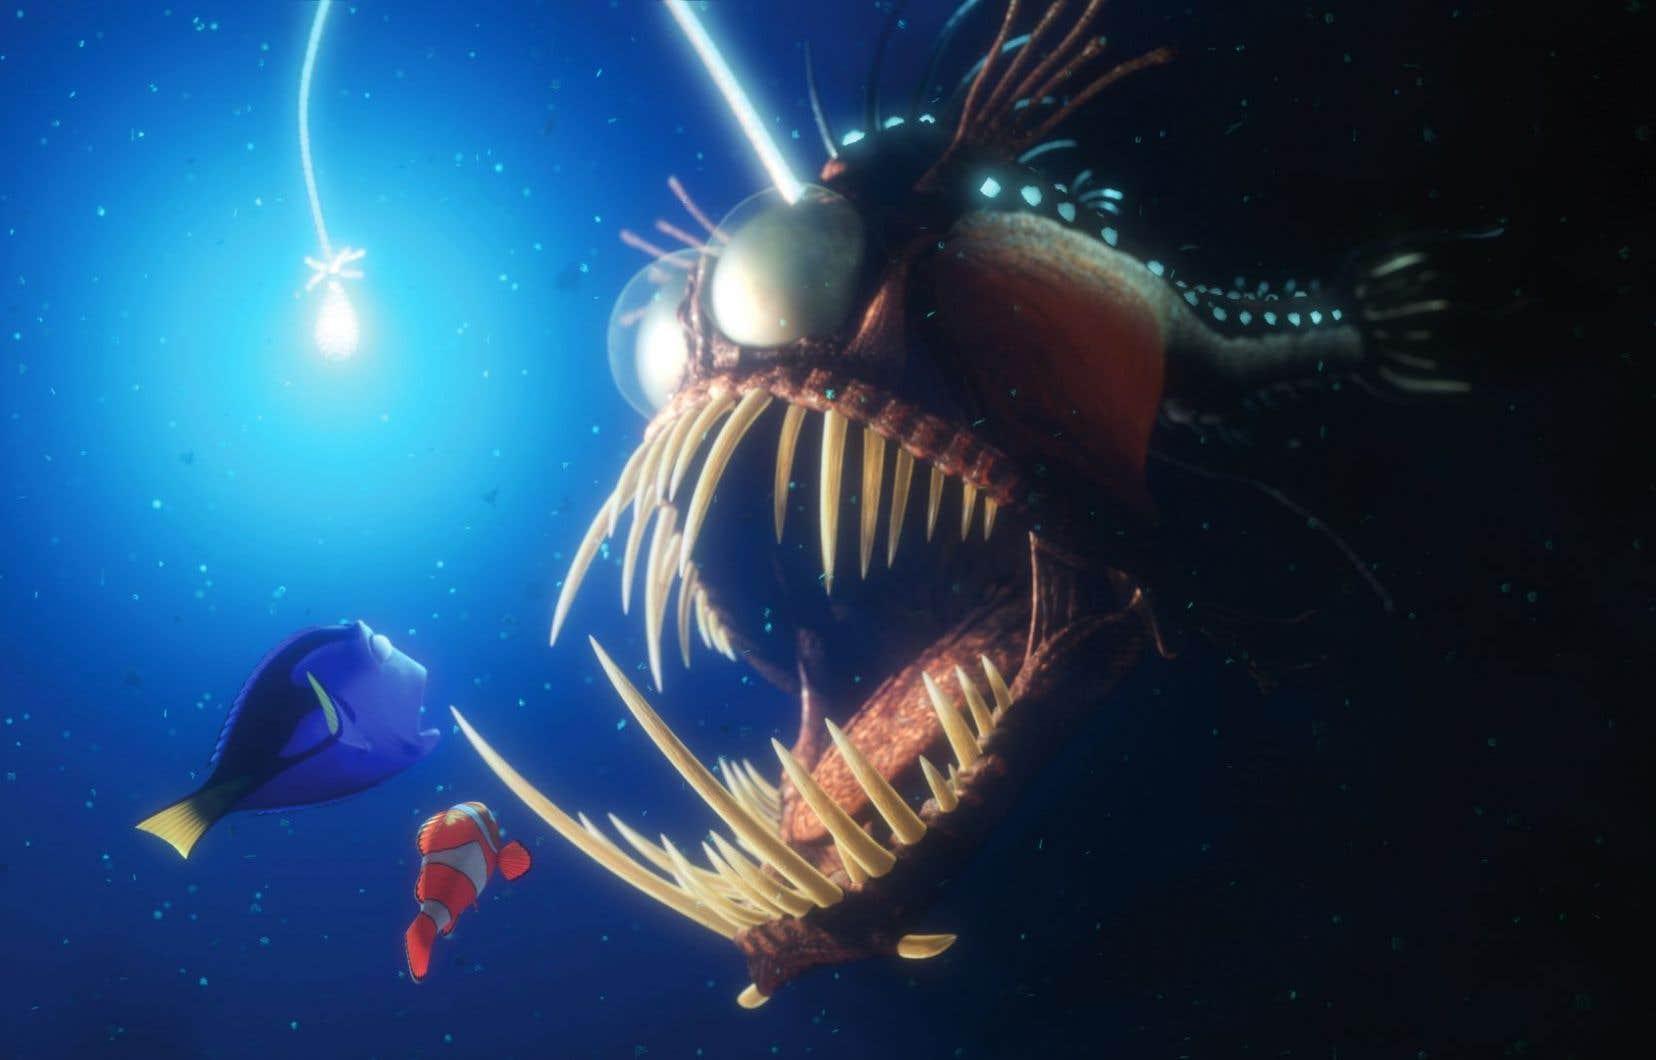 Les dangers marins sont nombreux et brutaux dans le film «Trouver Nemo».